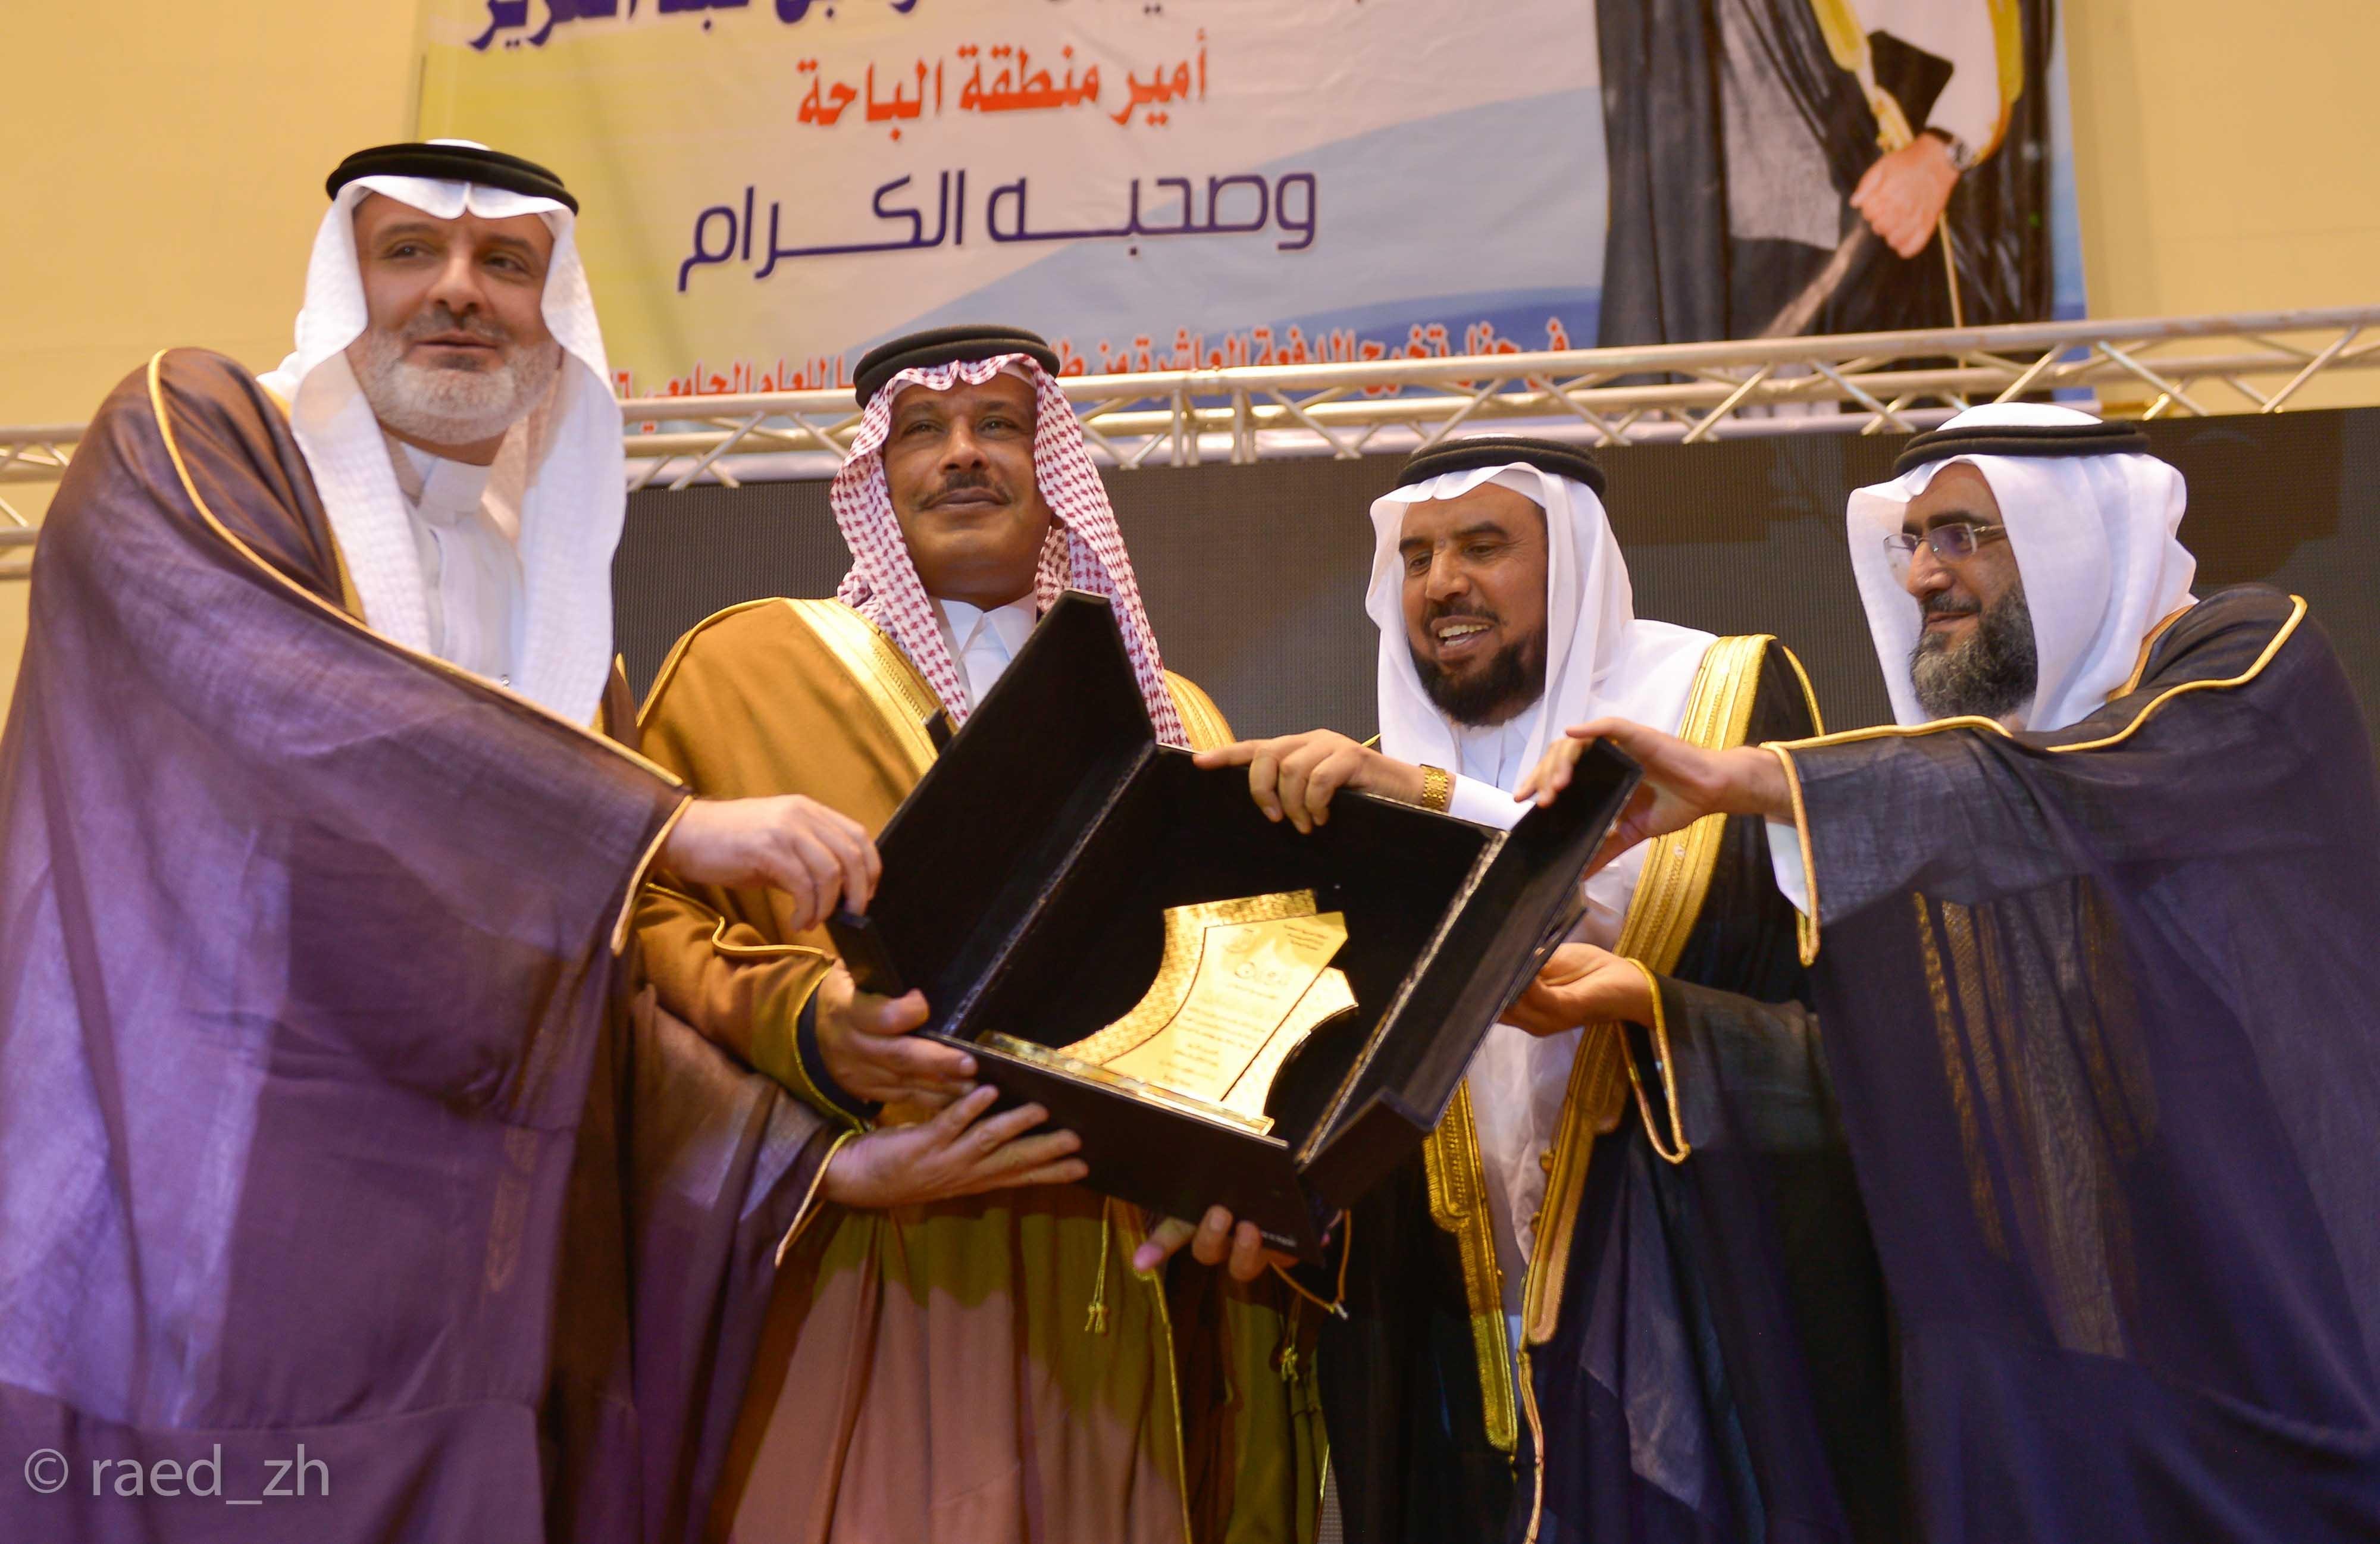 امير الباحة يرعى تخريج الدفعة العاشرة من طلاب وطالبات جامعة الباحة (25)